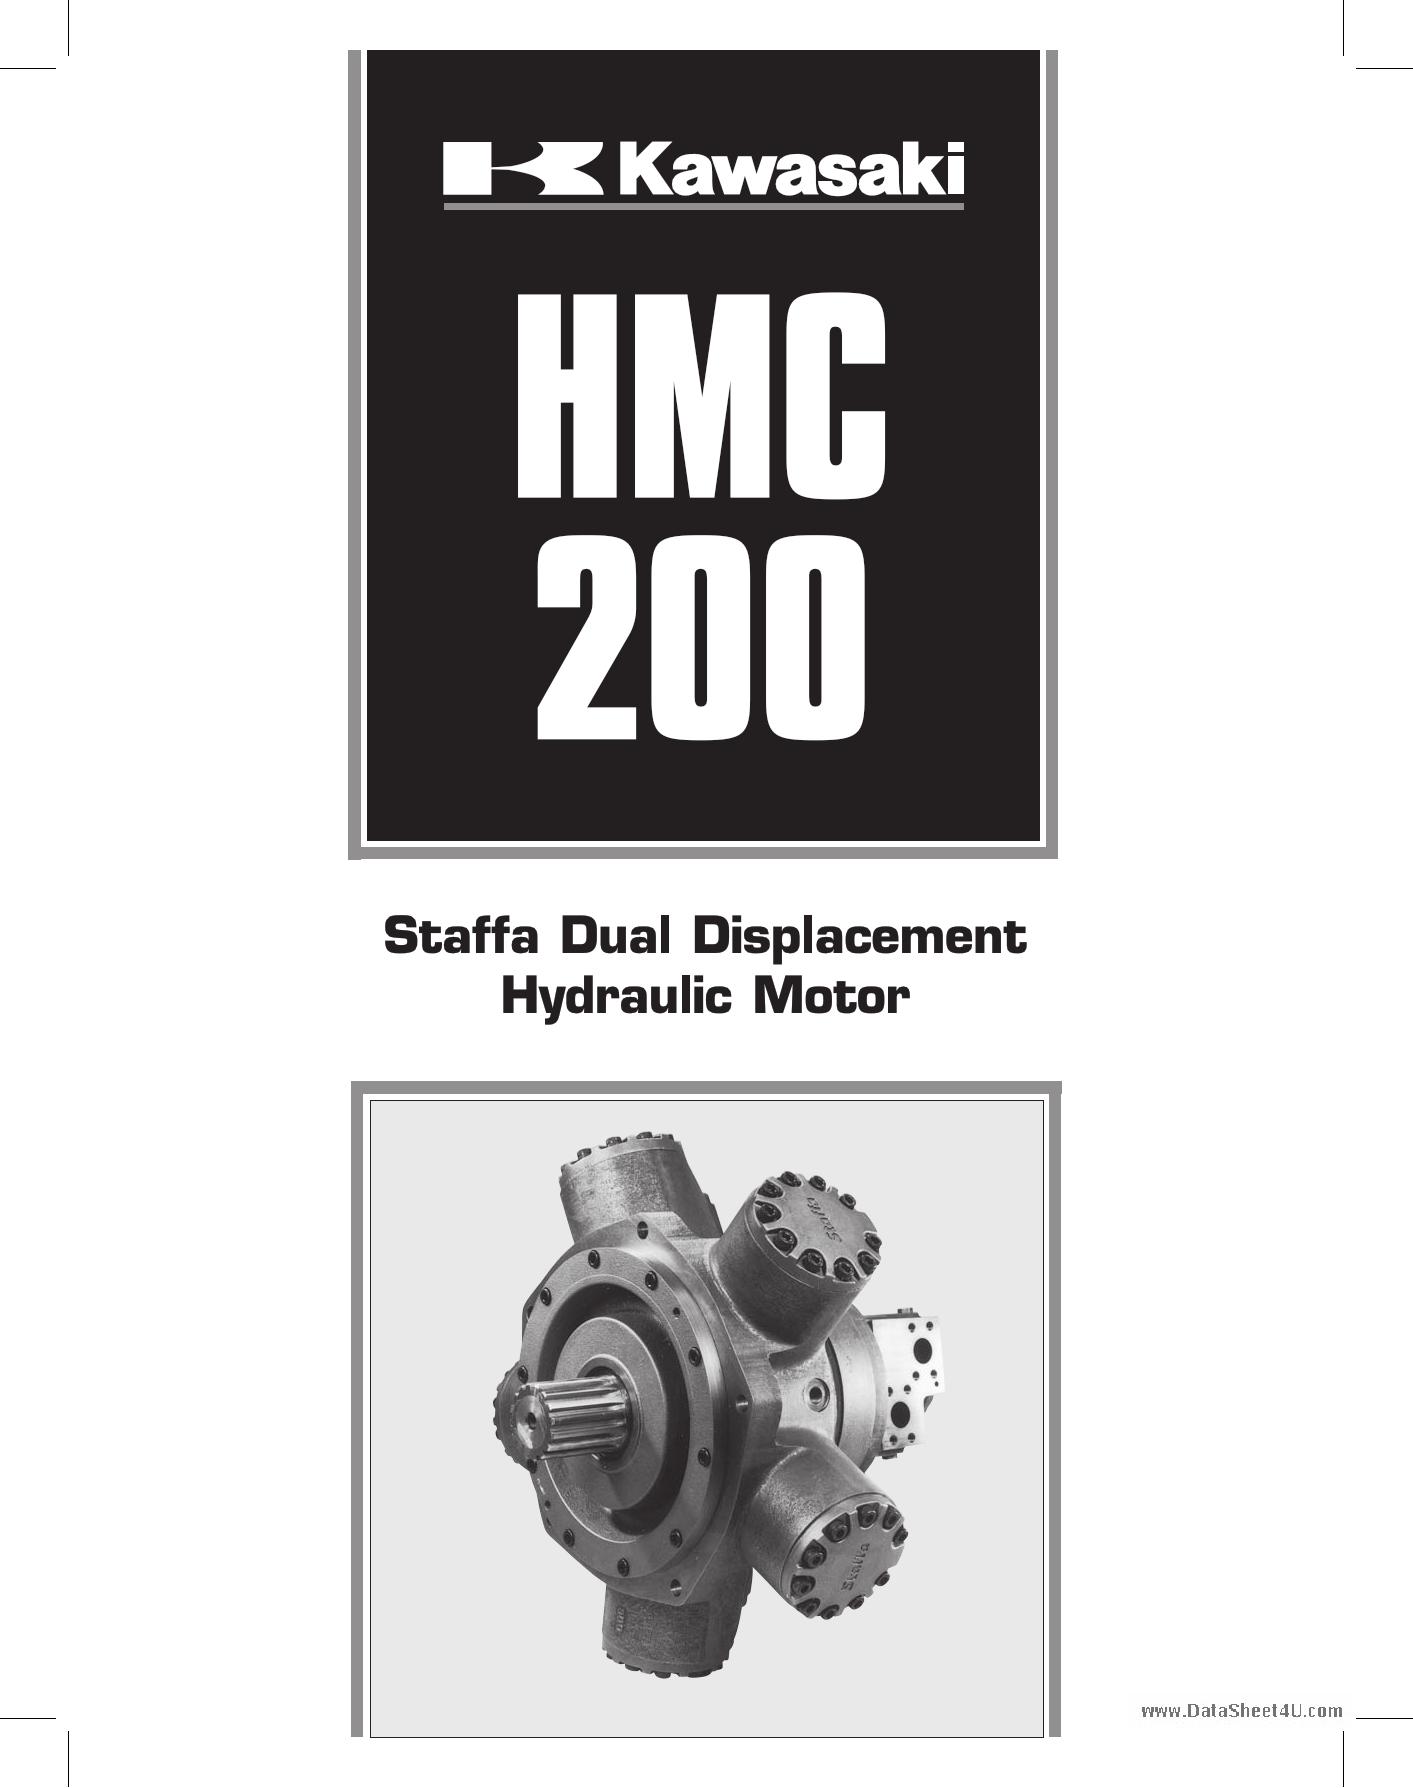 Dual Shaft Hydraulic Motor : Hmc データシート pdf staffa dual displacement hydraulic motor